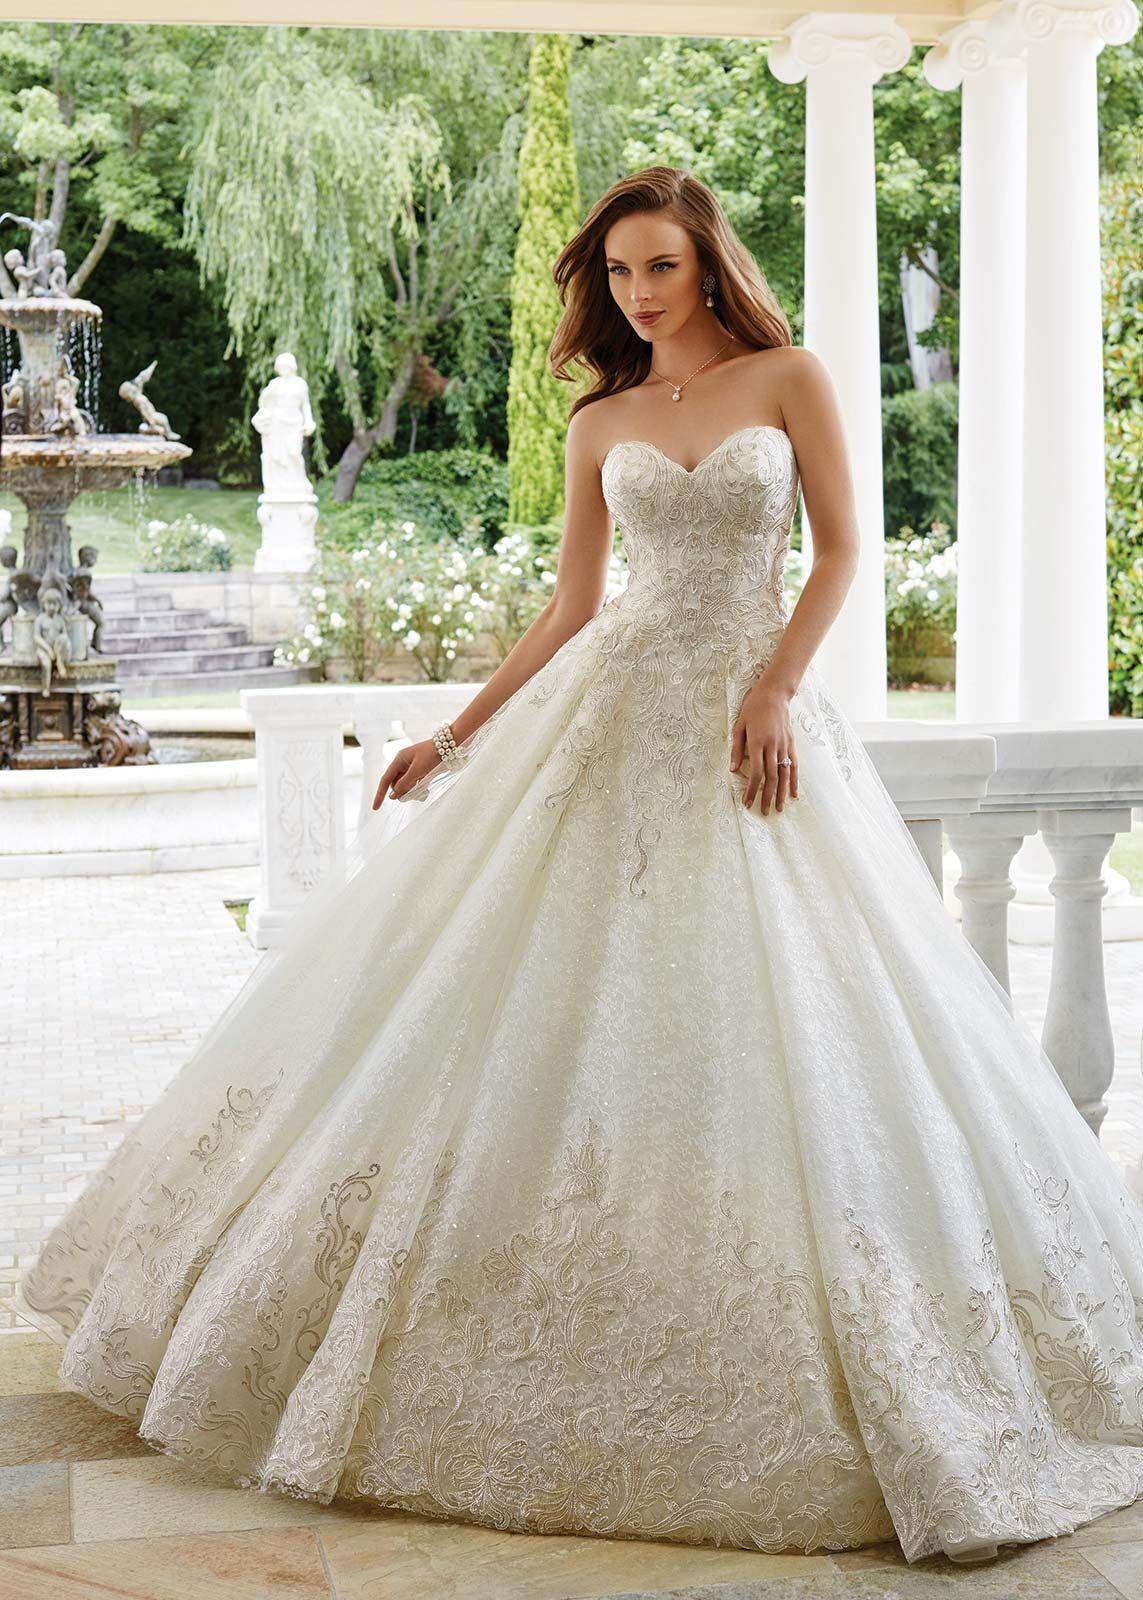 تصميمات رائعة لفساتين الزفاف من المصممة العالمية صوفيا توللى